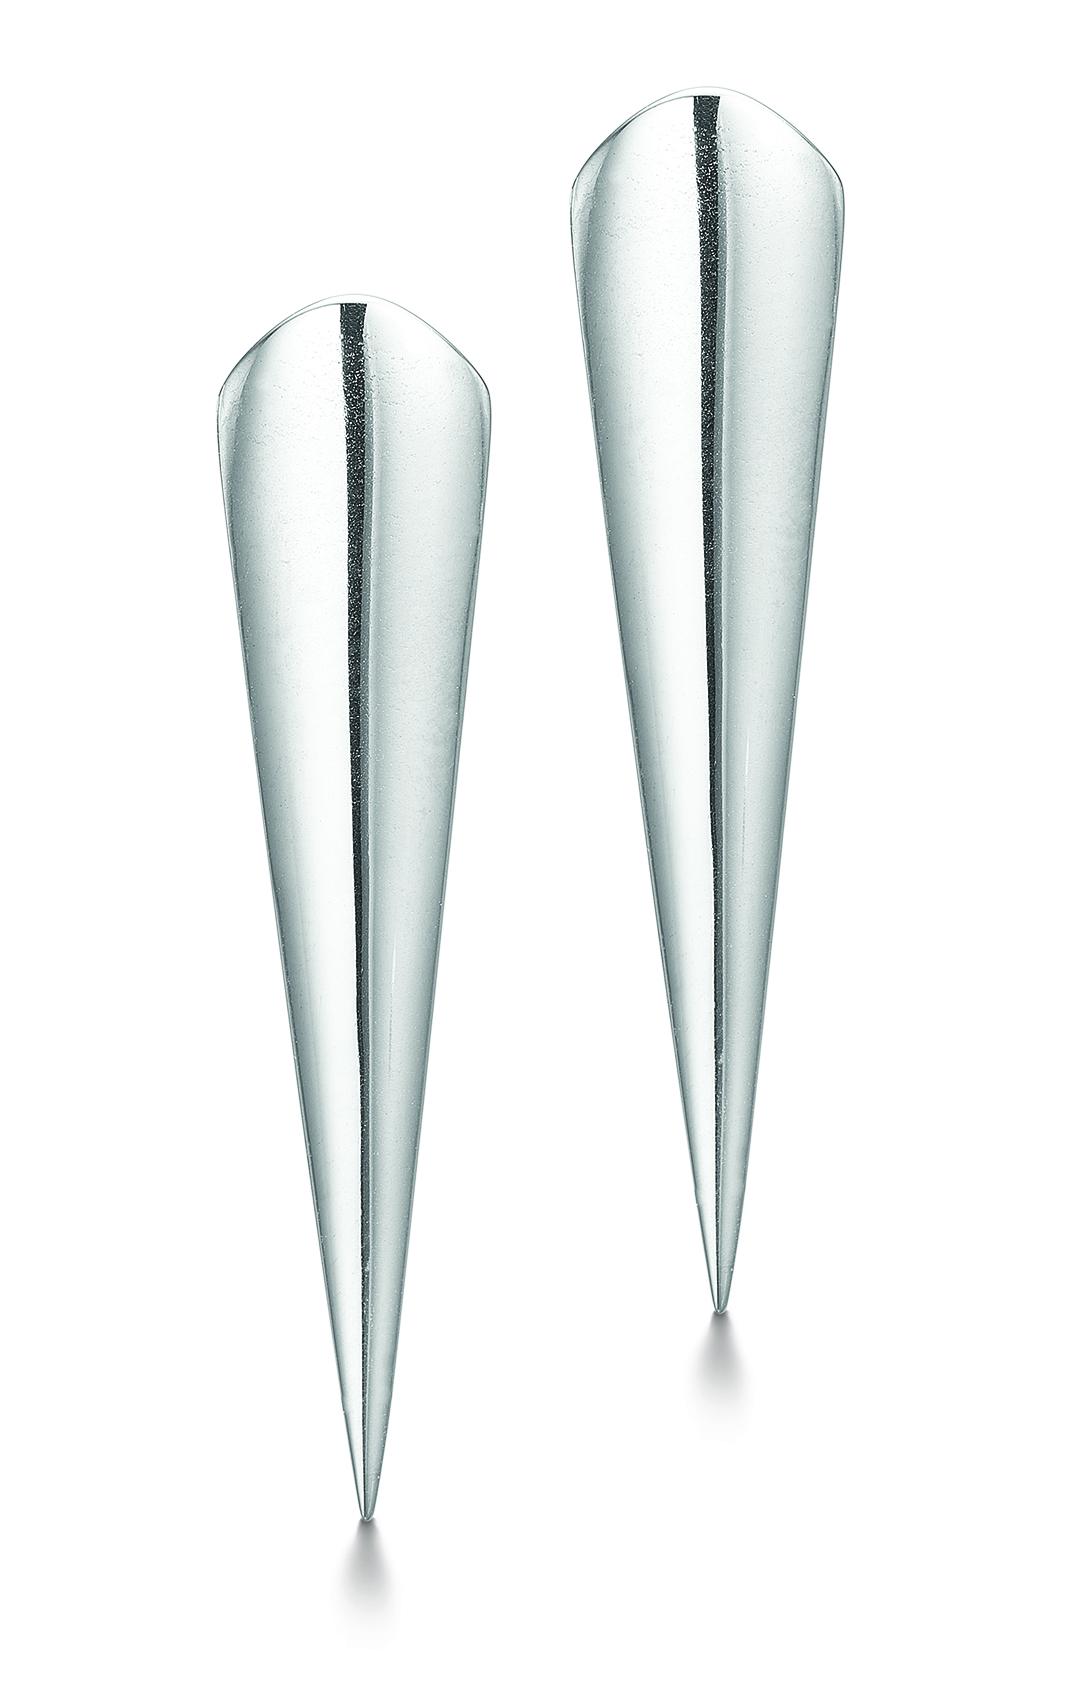 Image of   Kranz & Ziegler Sølv ørestikker - 6001129